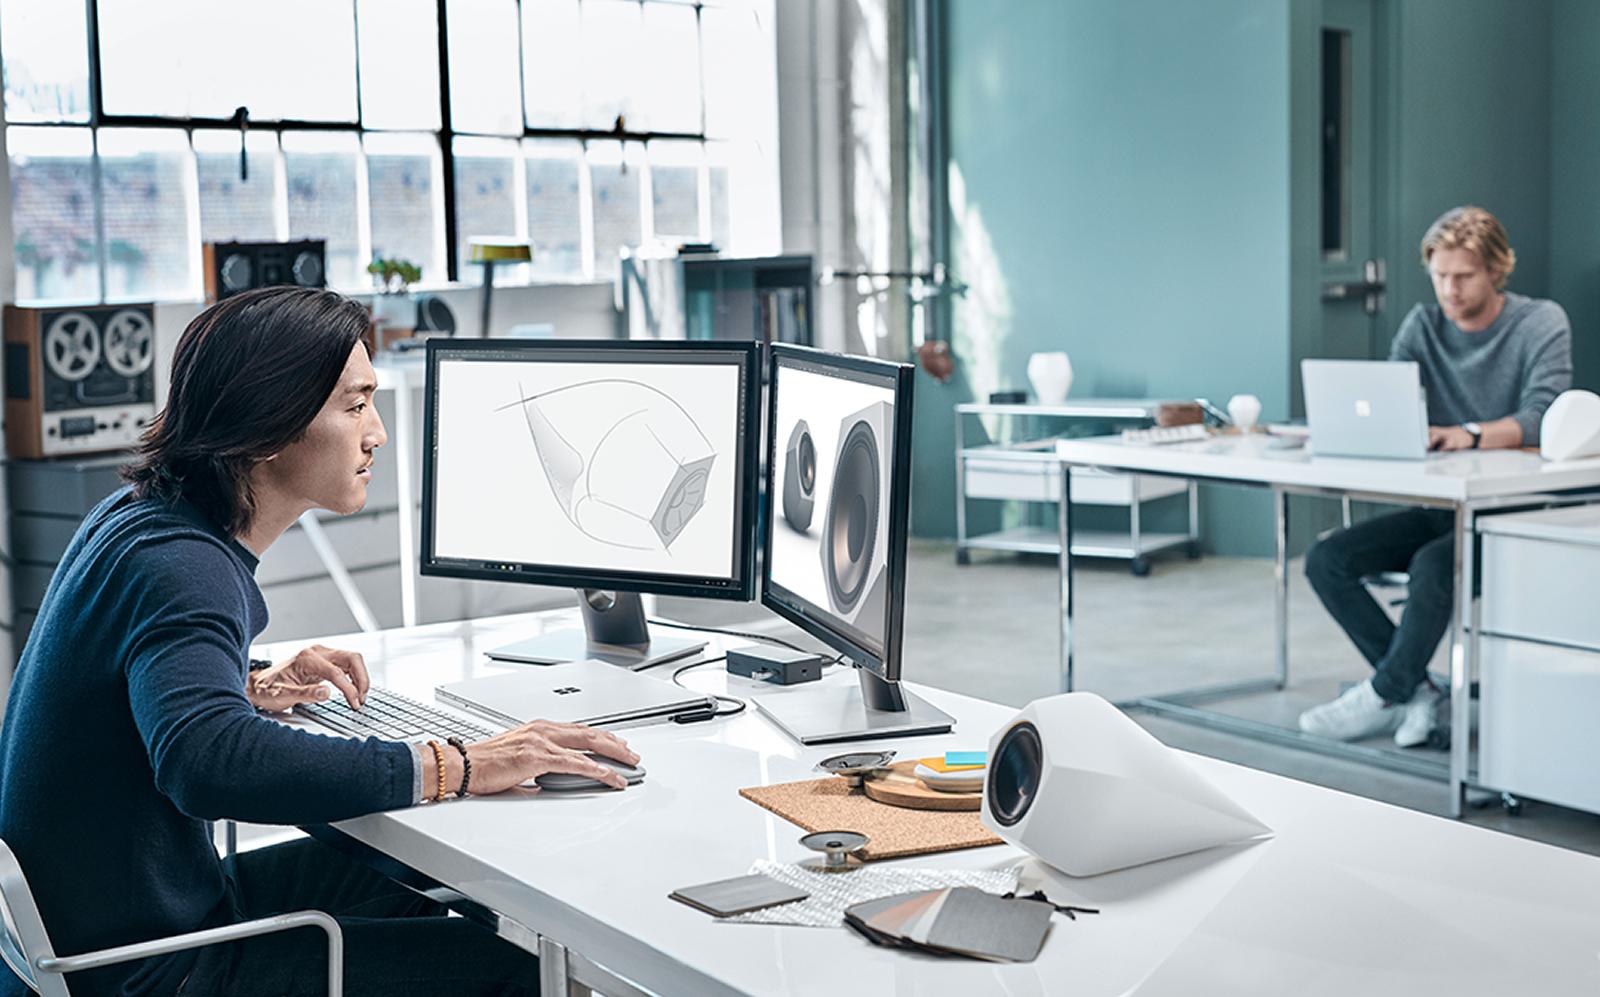 Microsoft satser nu på de kreative brancher - hvor man lytter til spolebånd, mens man arbejder i uergonomiske stillinger. Foto: Microsoft